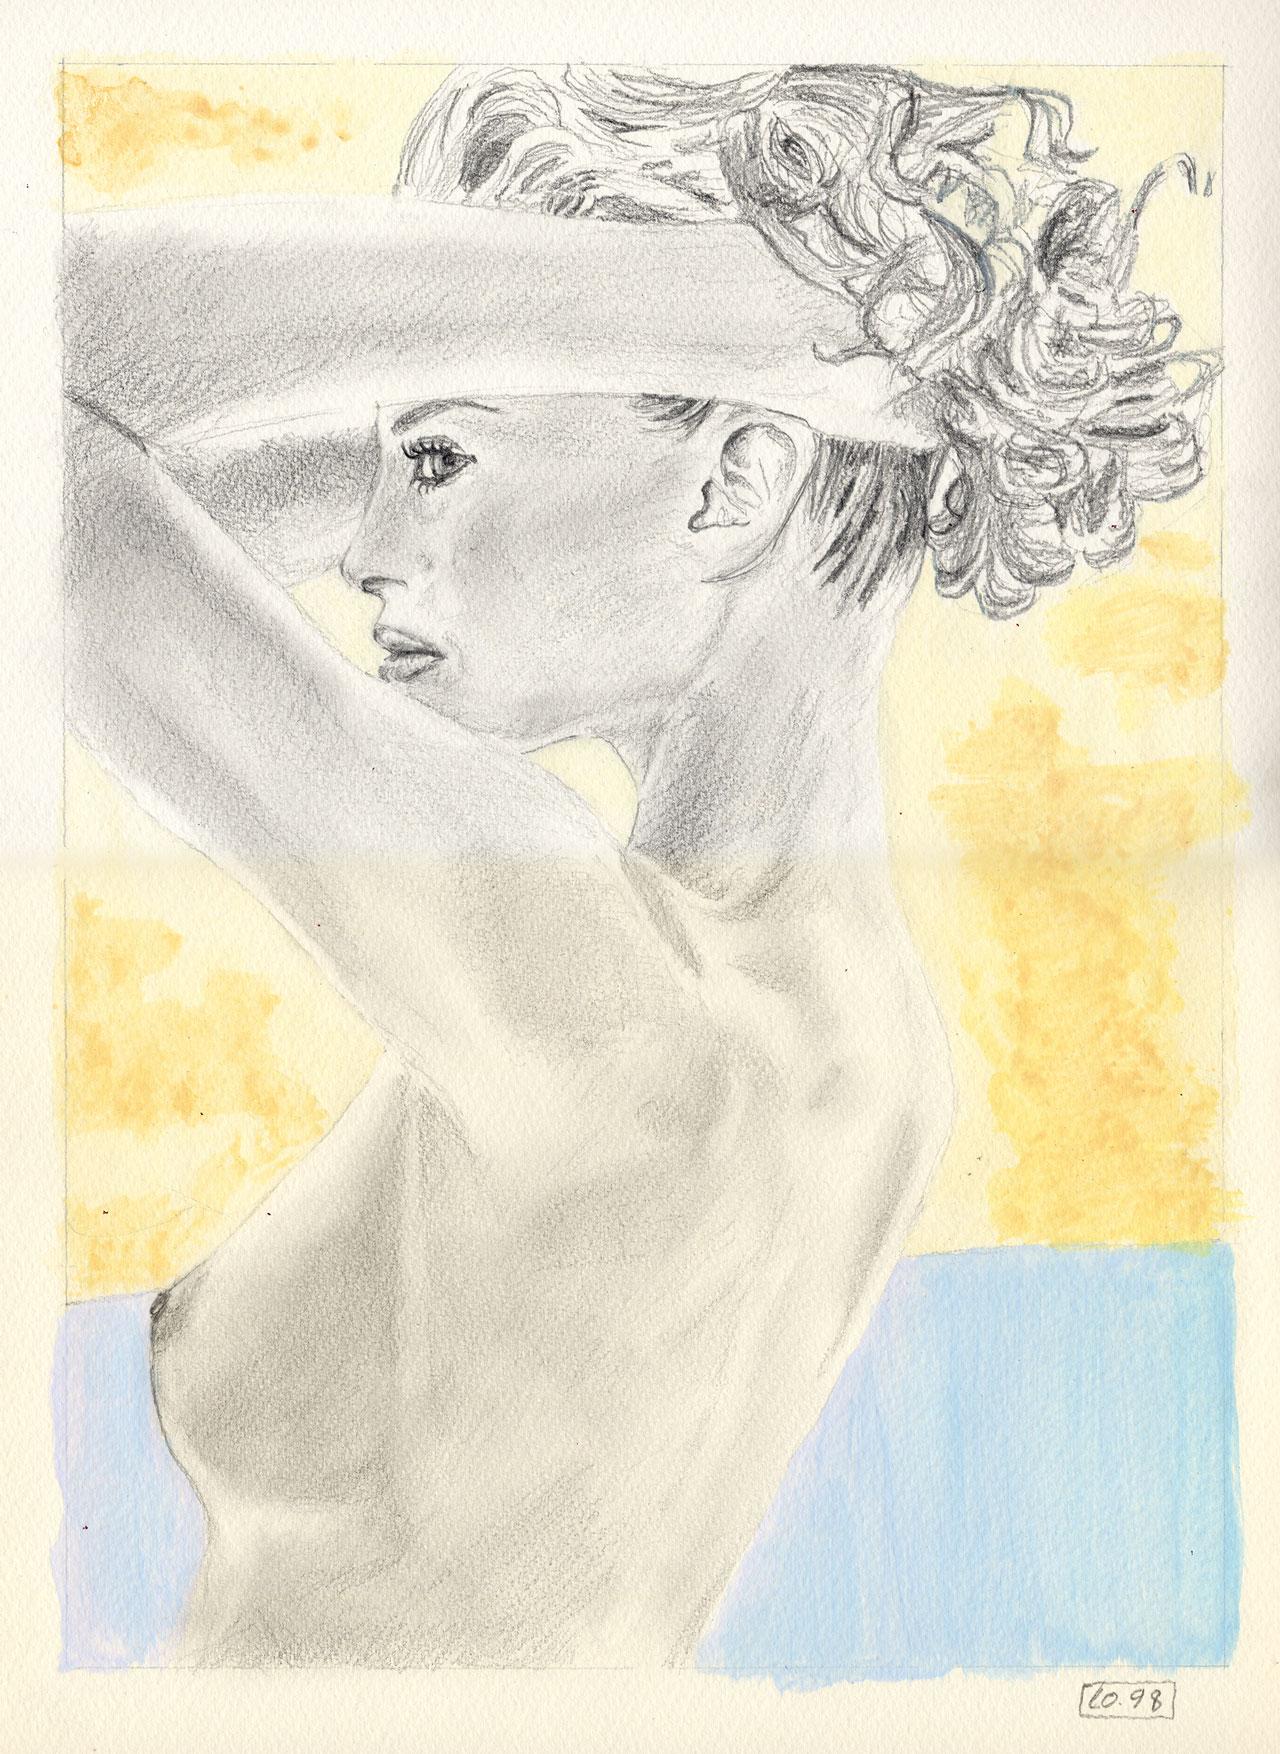 graphics_sketch_beach